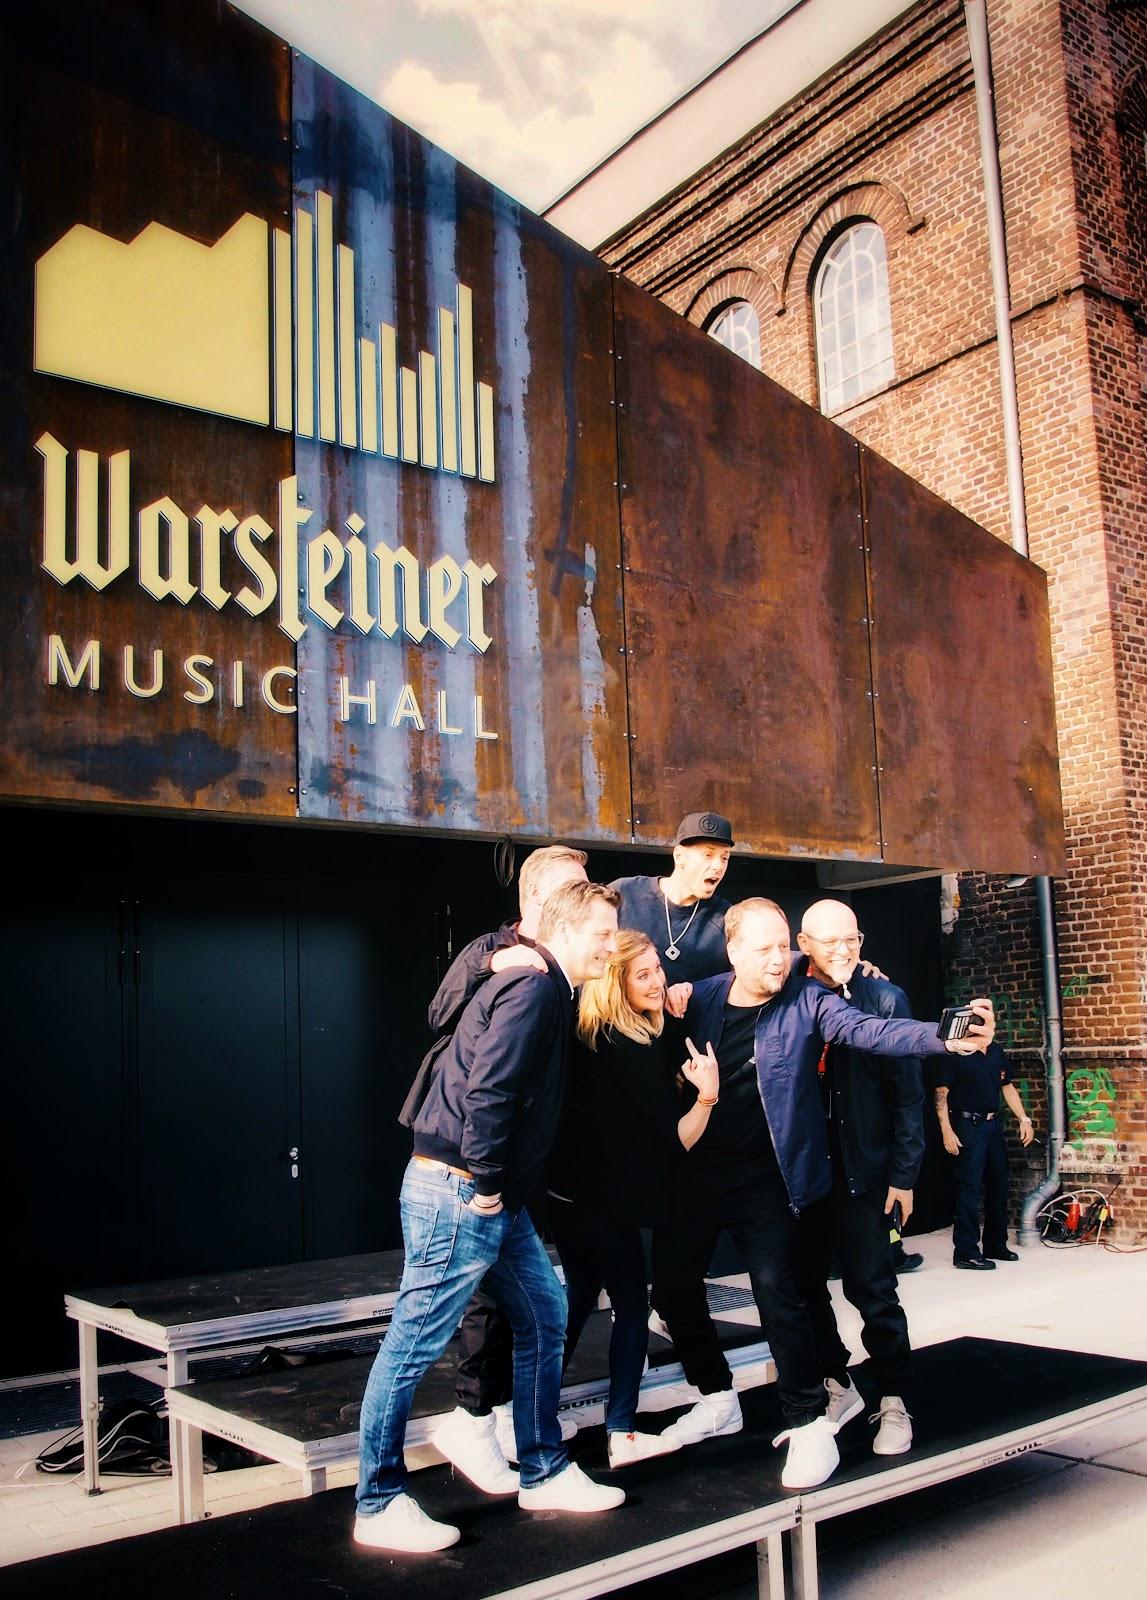 Atomlabor Blog on Tour in der Warsteiner Music Hall in Dortmund - Die Fantastischen Vier mit Catharina Cramer und Alexander Richter vor dem Eingang der Halle auf einem Podest beim Selfie